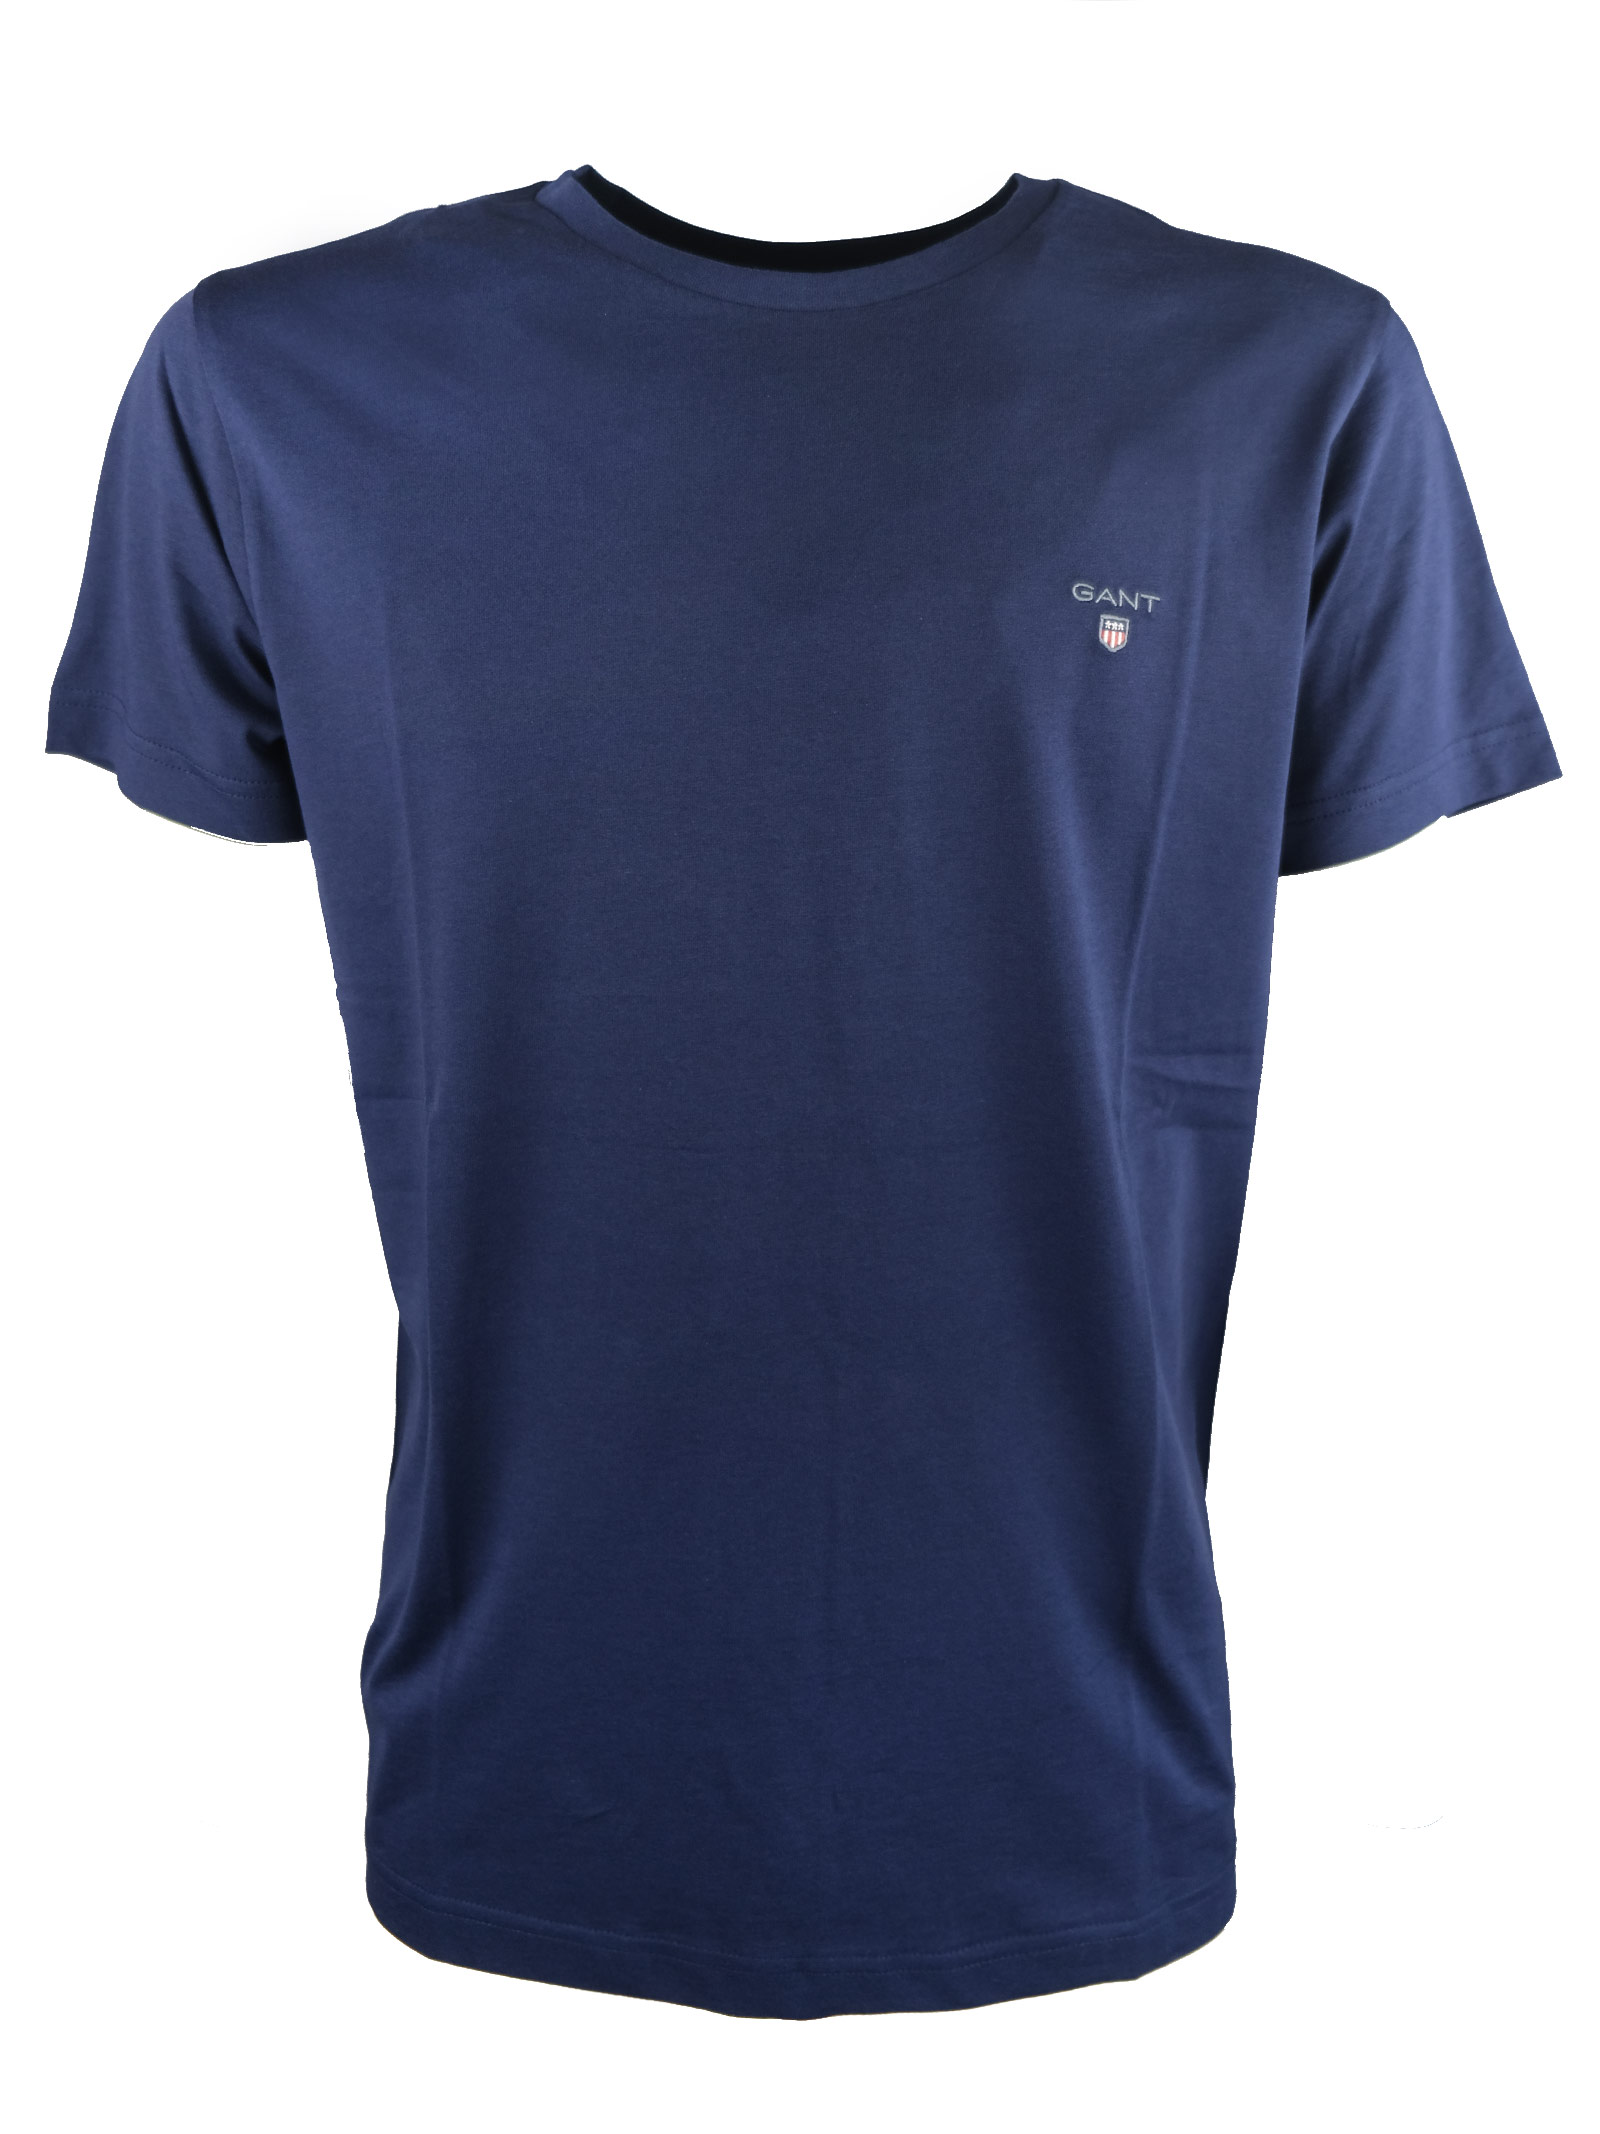 T-shirt GANT | T-shirts | 234100433